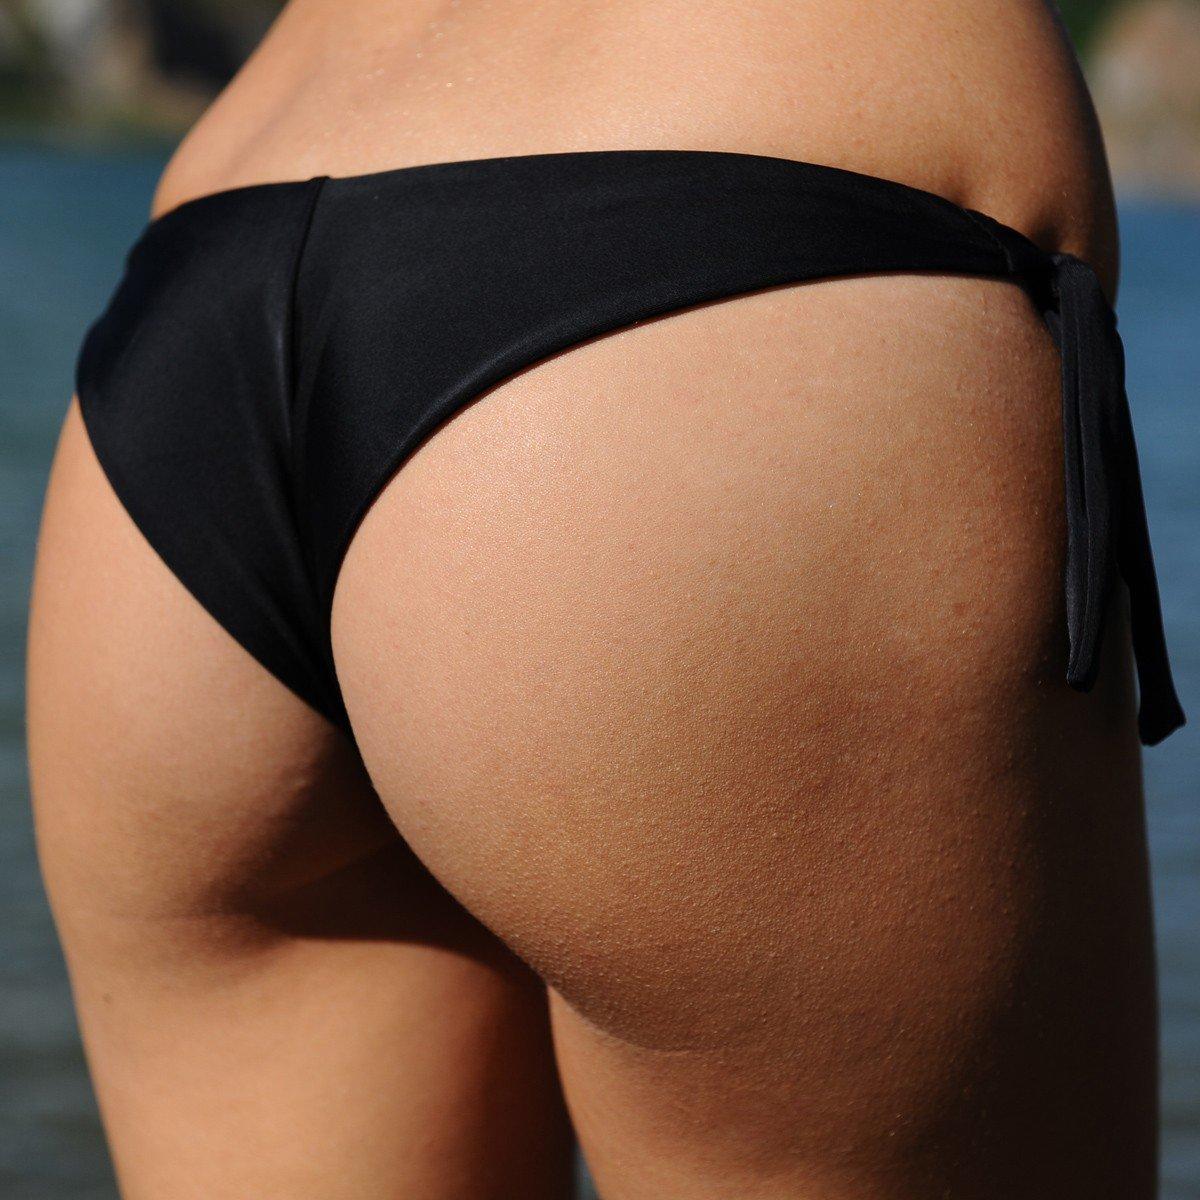 ... fekete - csípőnél kötős bikini alsó. NCD009 NCD009 NCD009 NCD009 NCD009 22b9d4070e